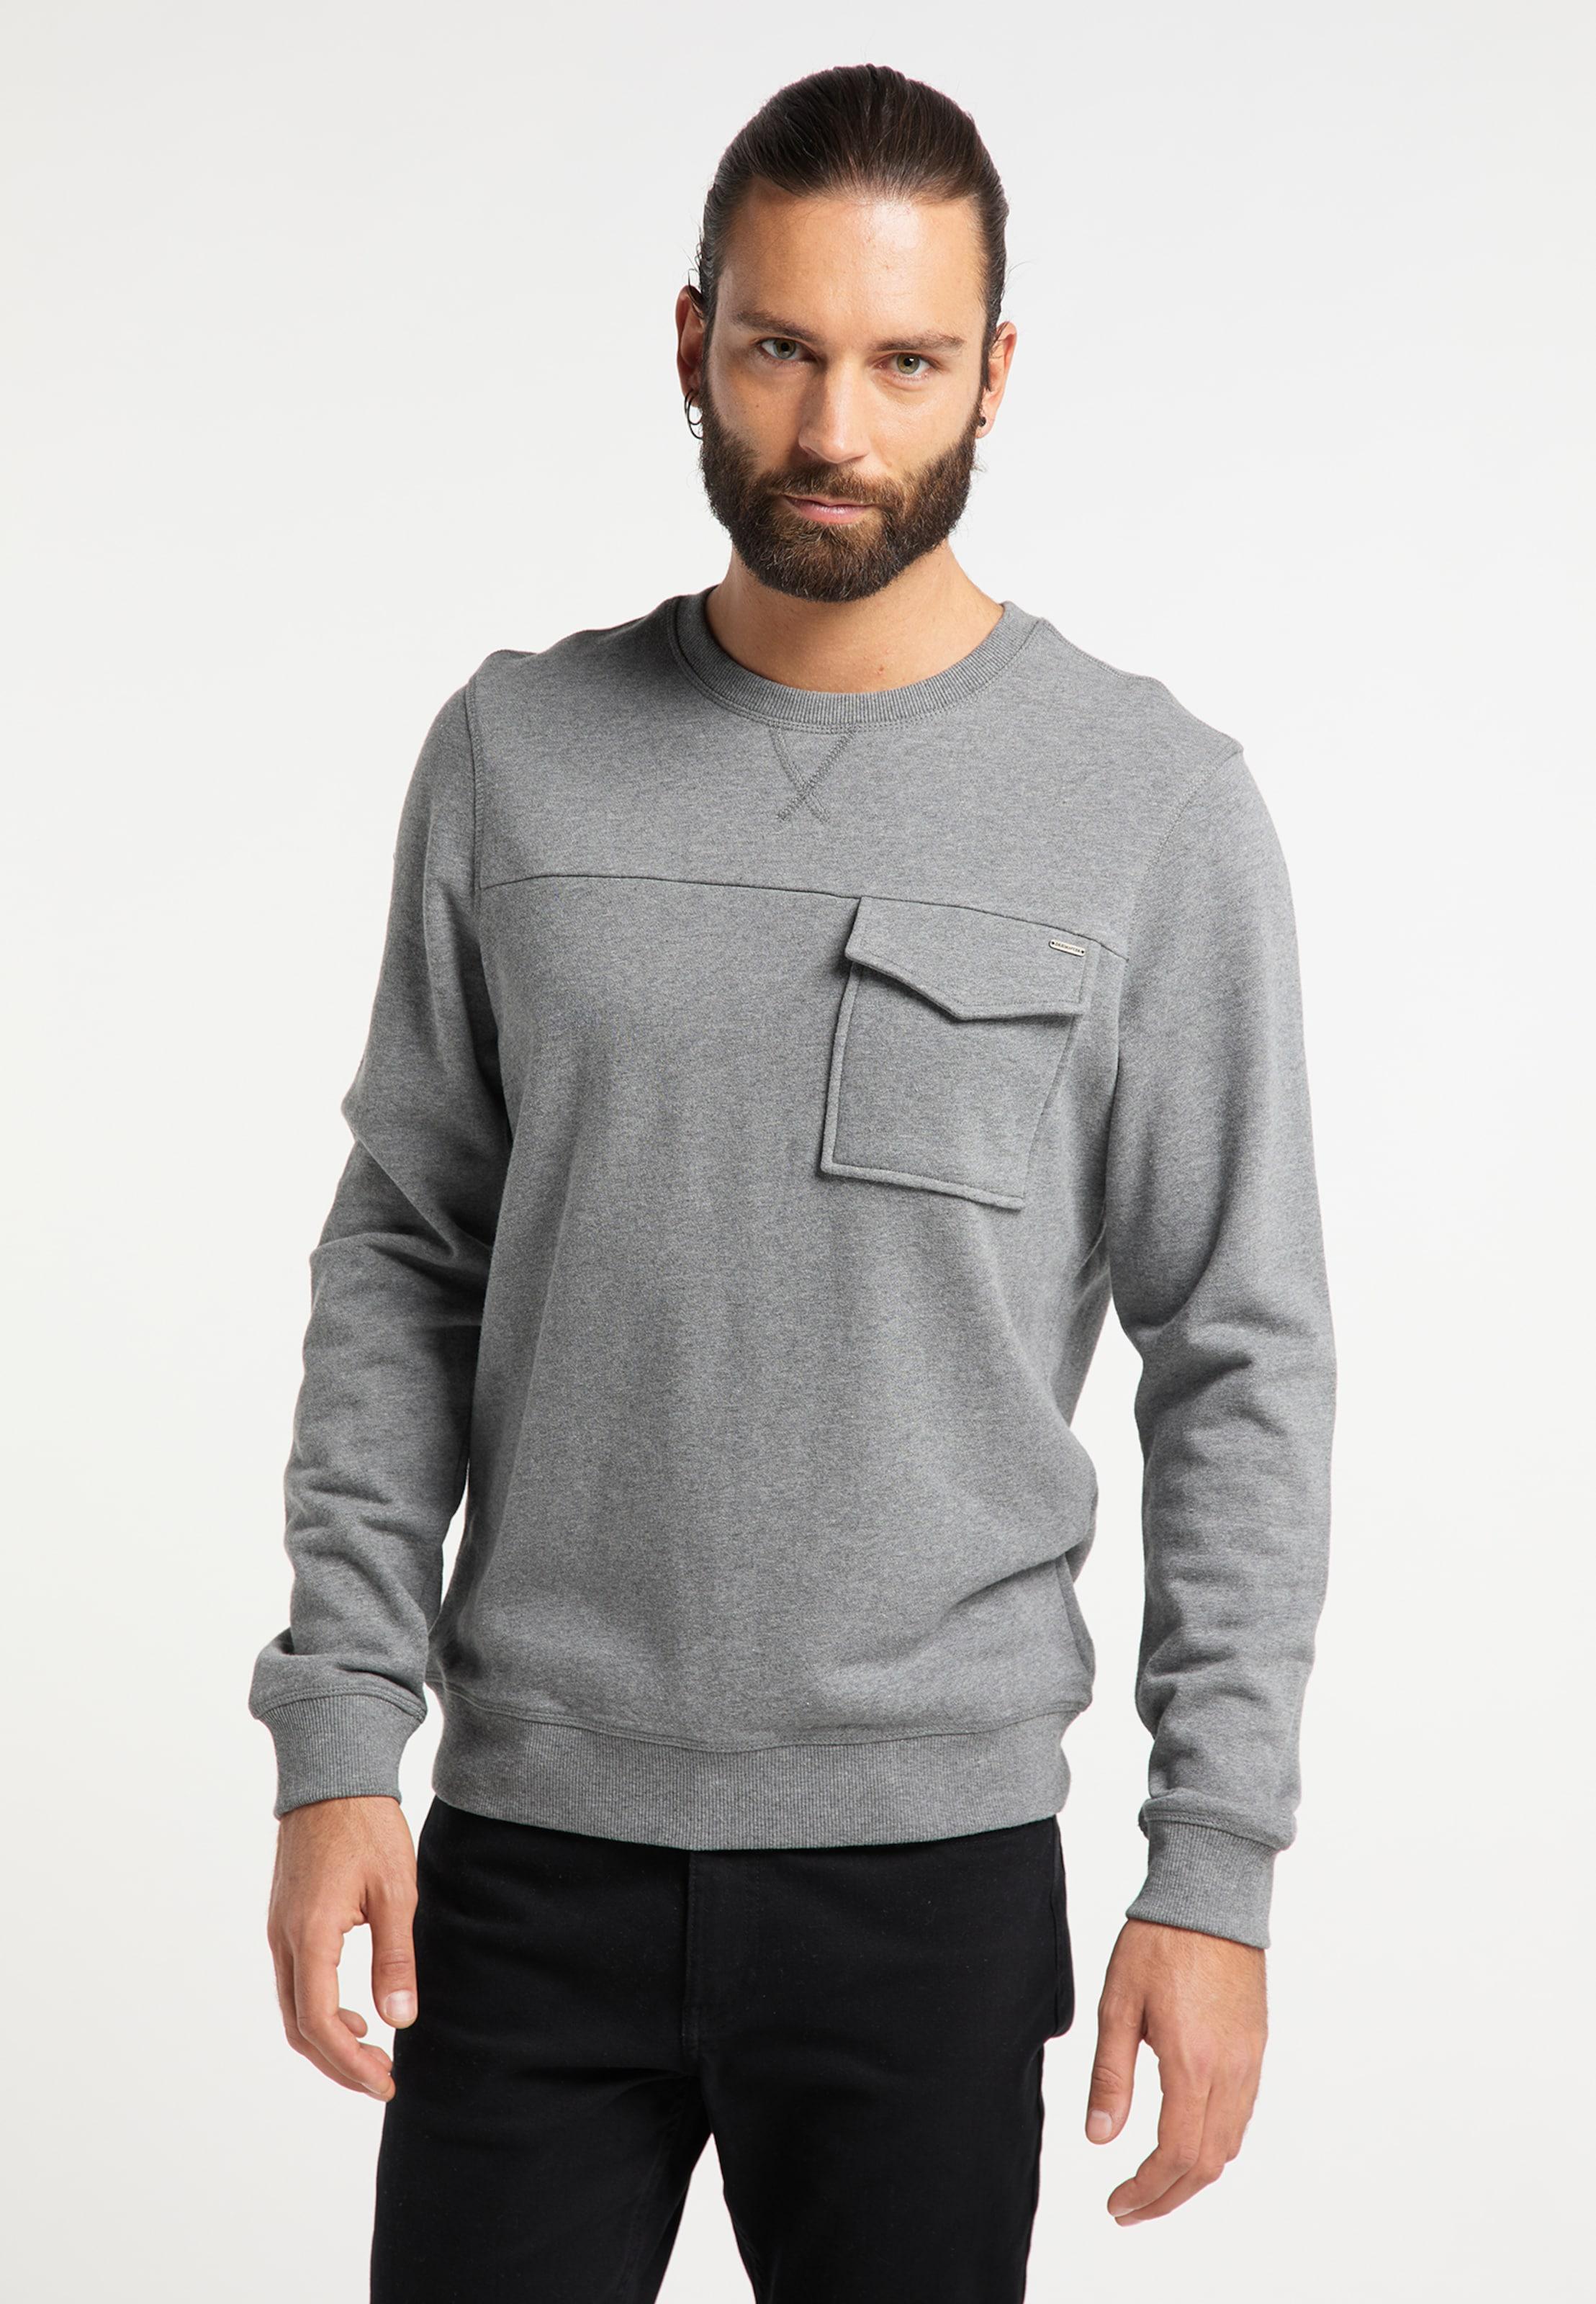 DREIMASTER Sweatshirt in grau Rundhals-Ausschnitt 4251686653080